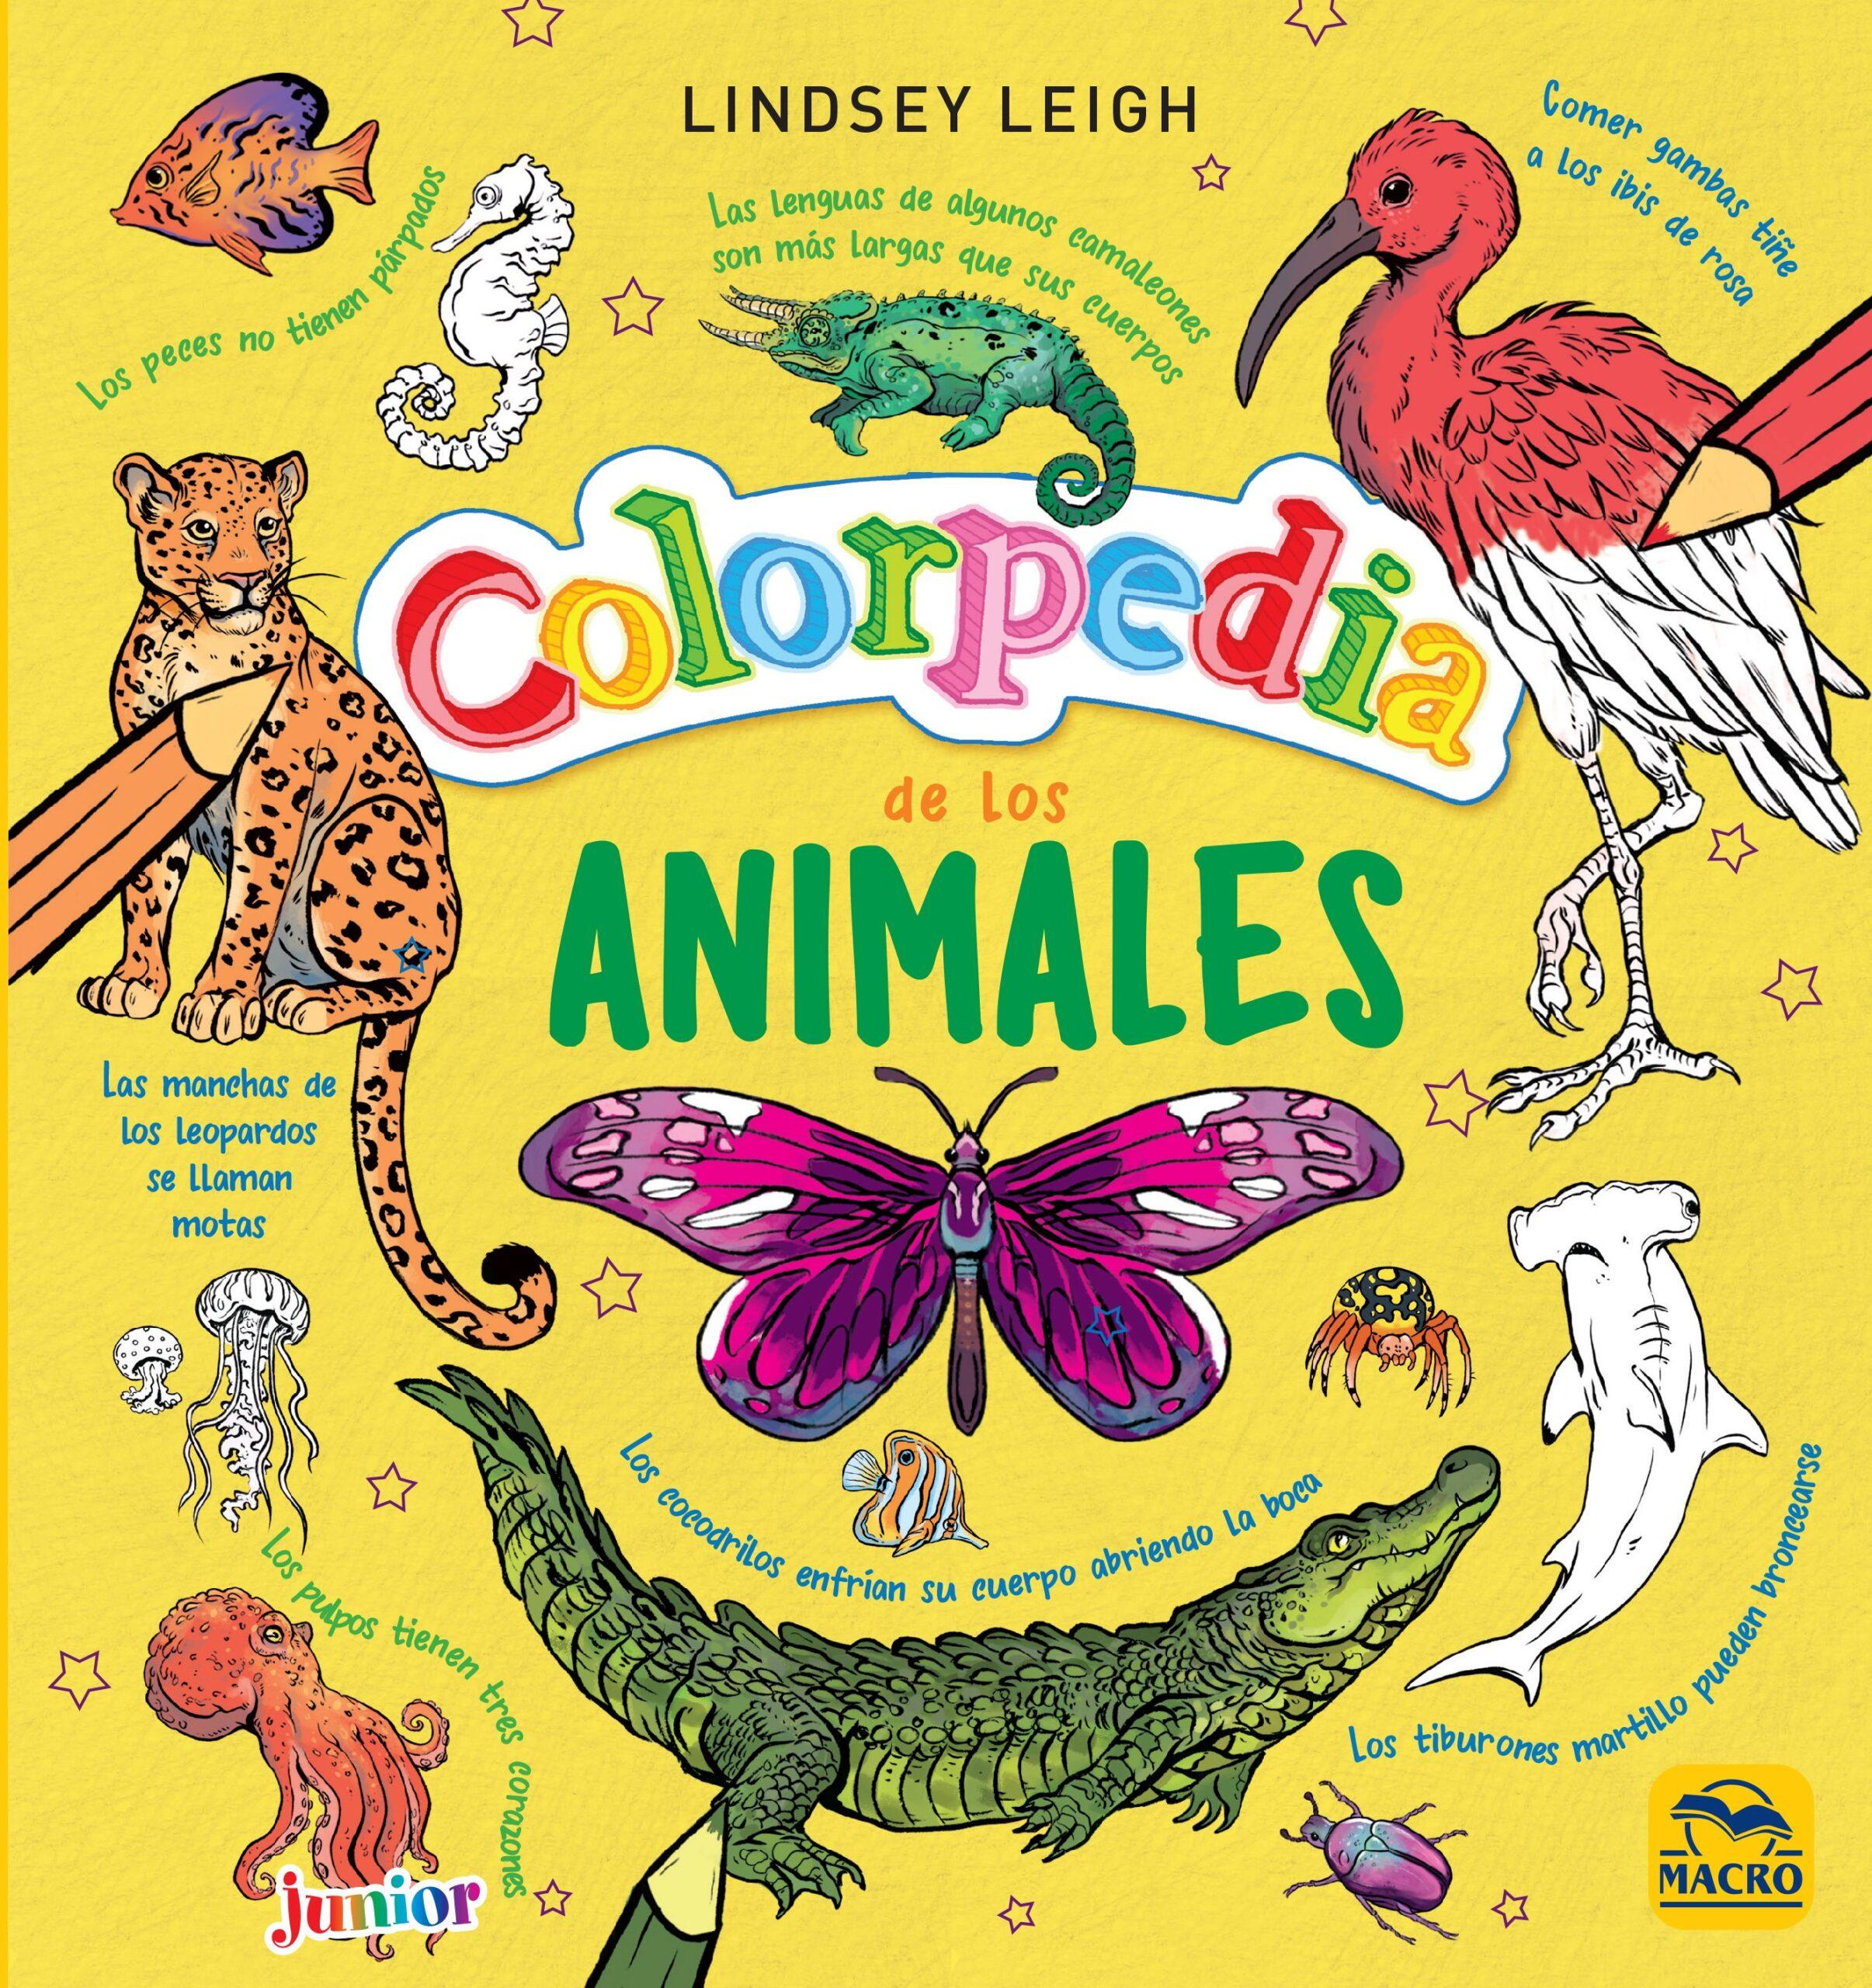 colorpedia-de-los-animales-01